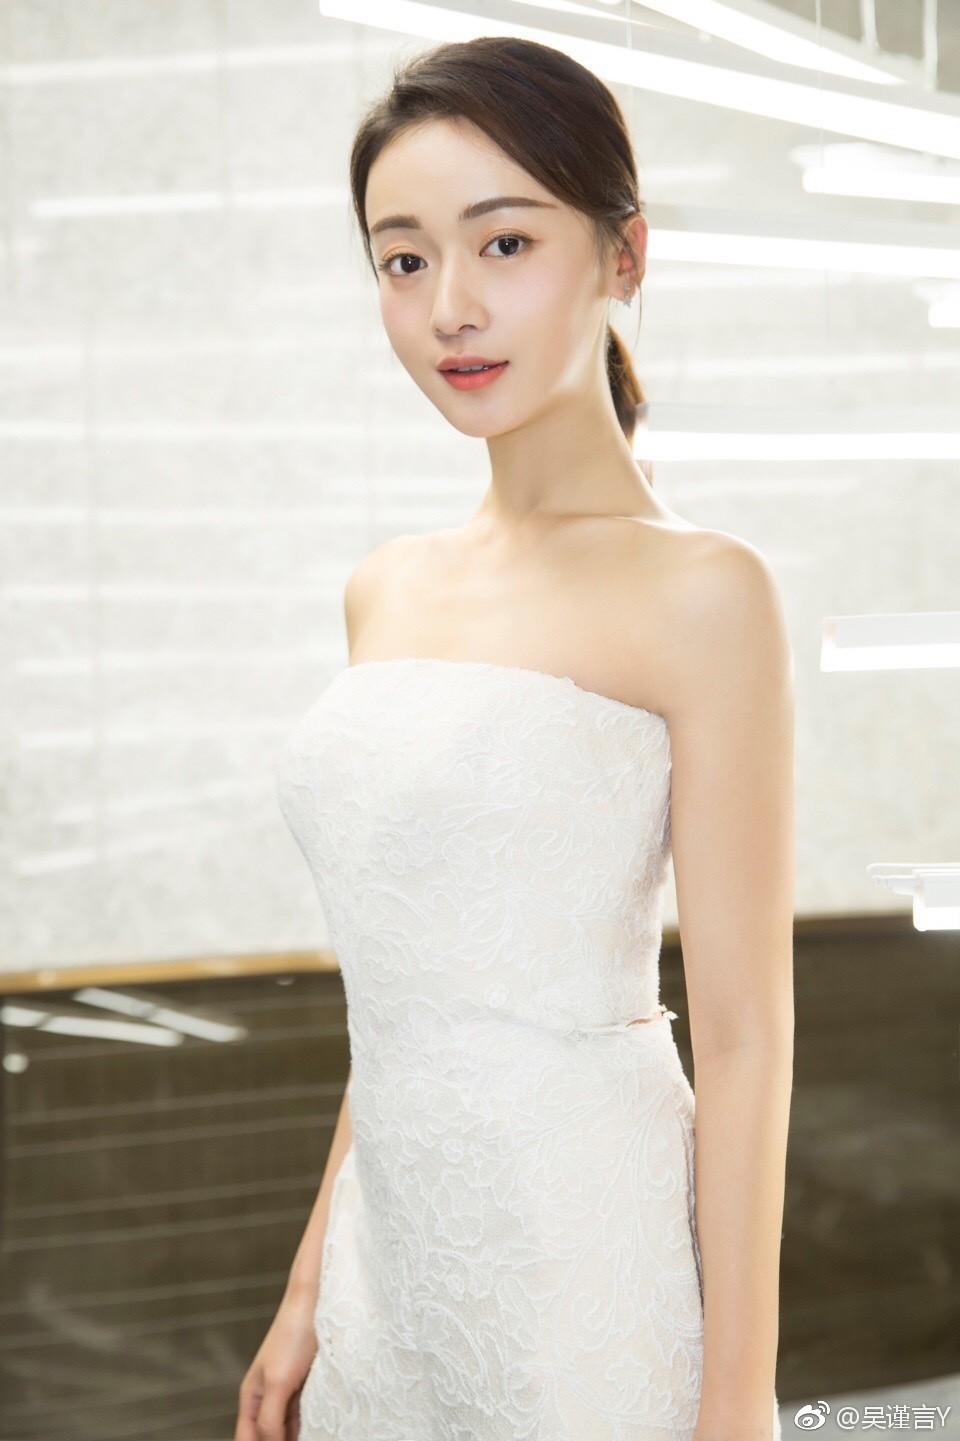 Cận cảnh nhan sắc đẹp - độc - lạ của Ngụy Anh Lạc Ngô Cẩn Ngôn trong drama hot 100 độ Diên Hi Công Lược - Ảnh 29.